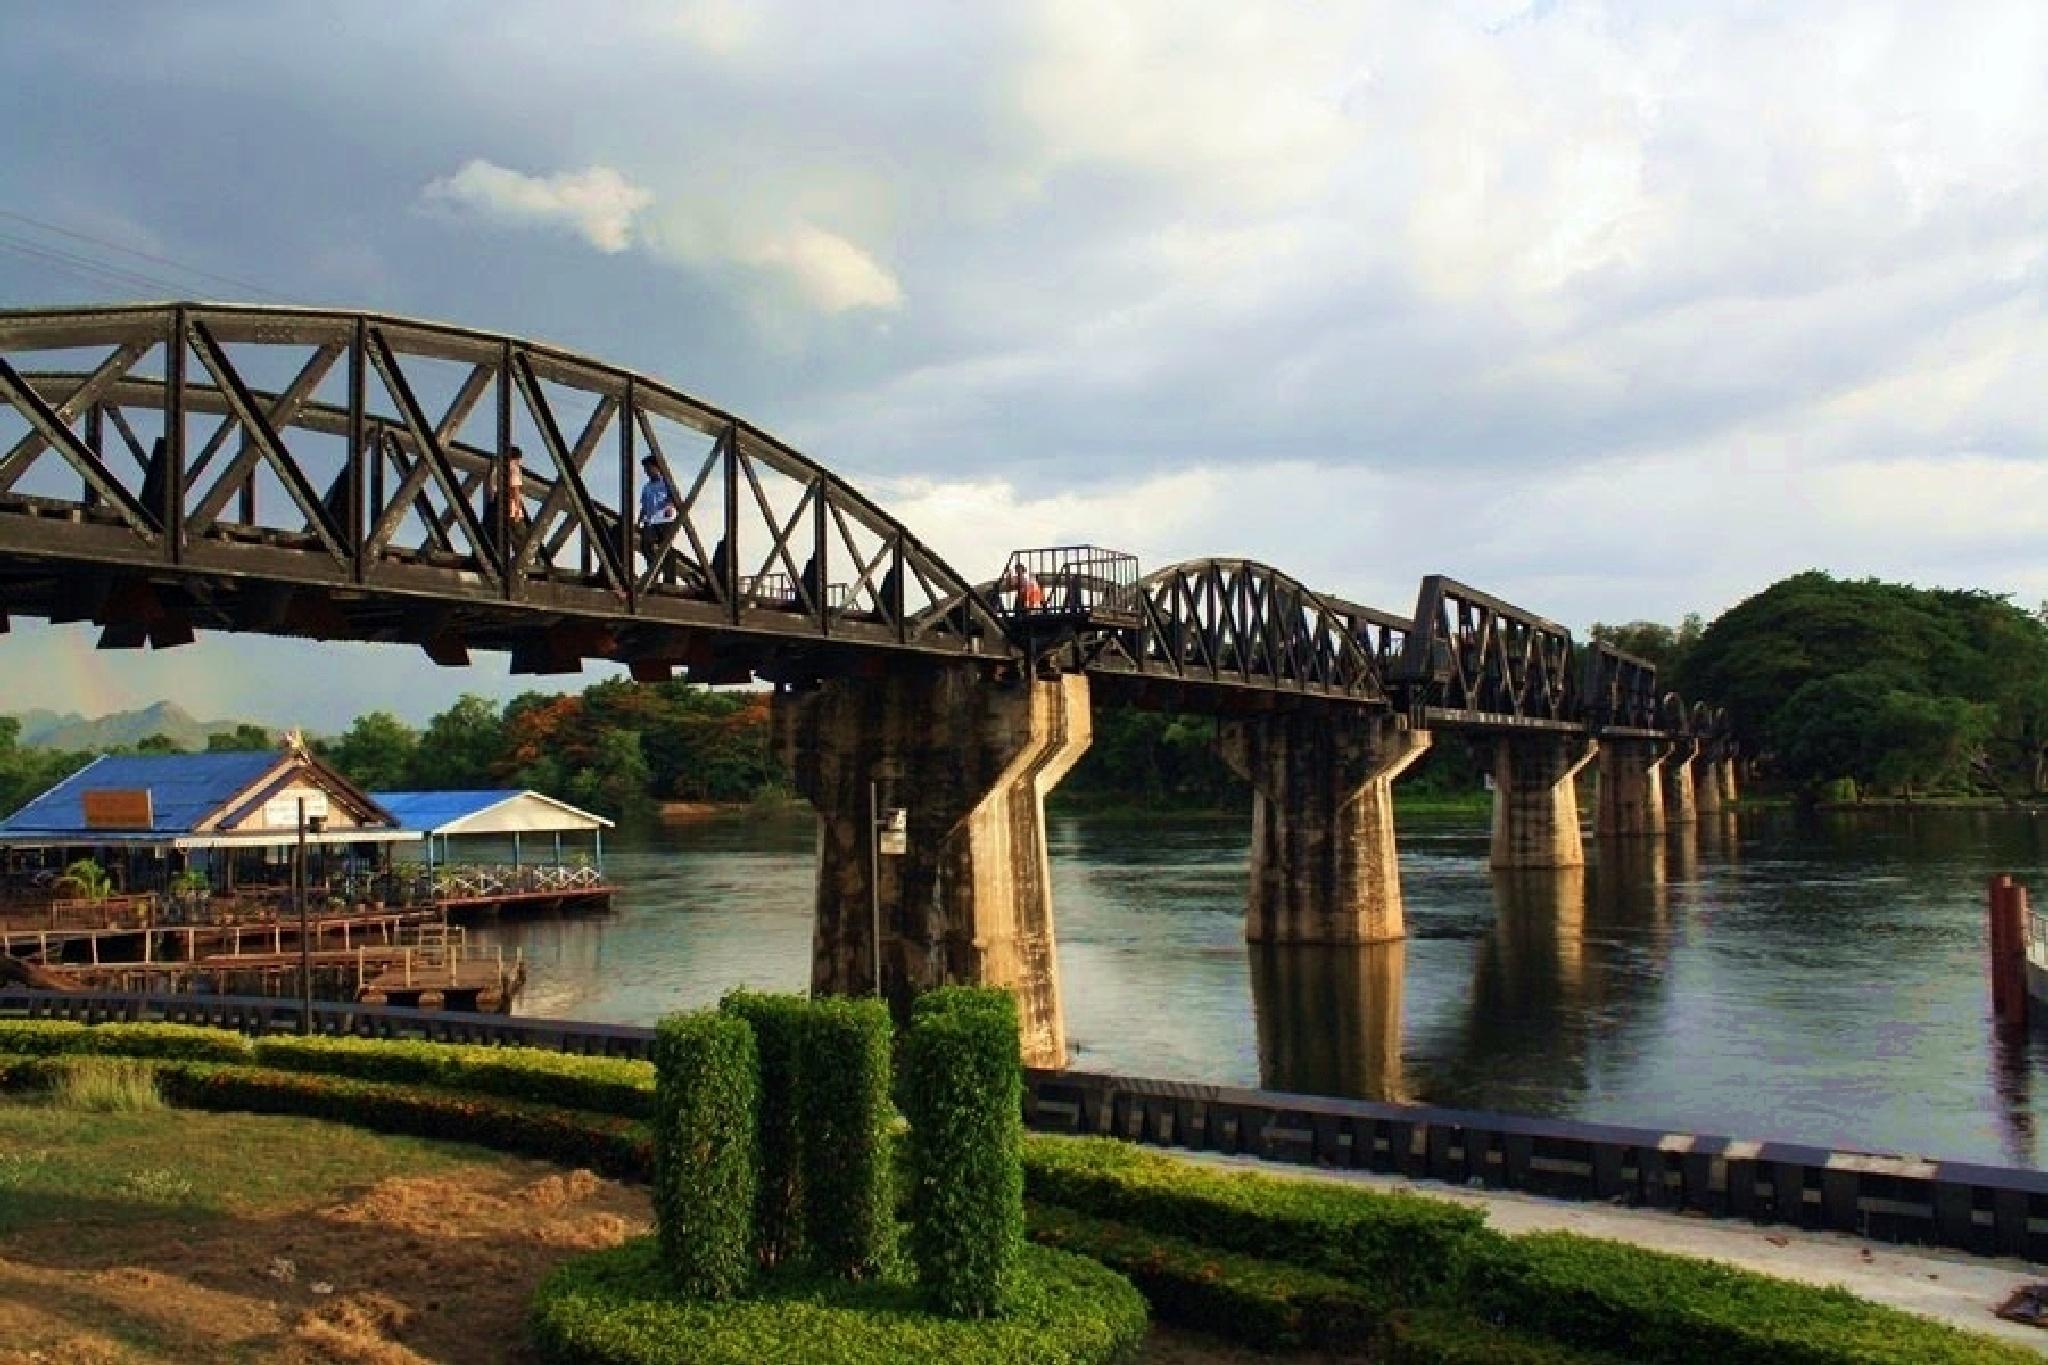 Bridge over the river Kwai Thailand by Dáithí Ó Raghallaigh